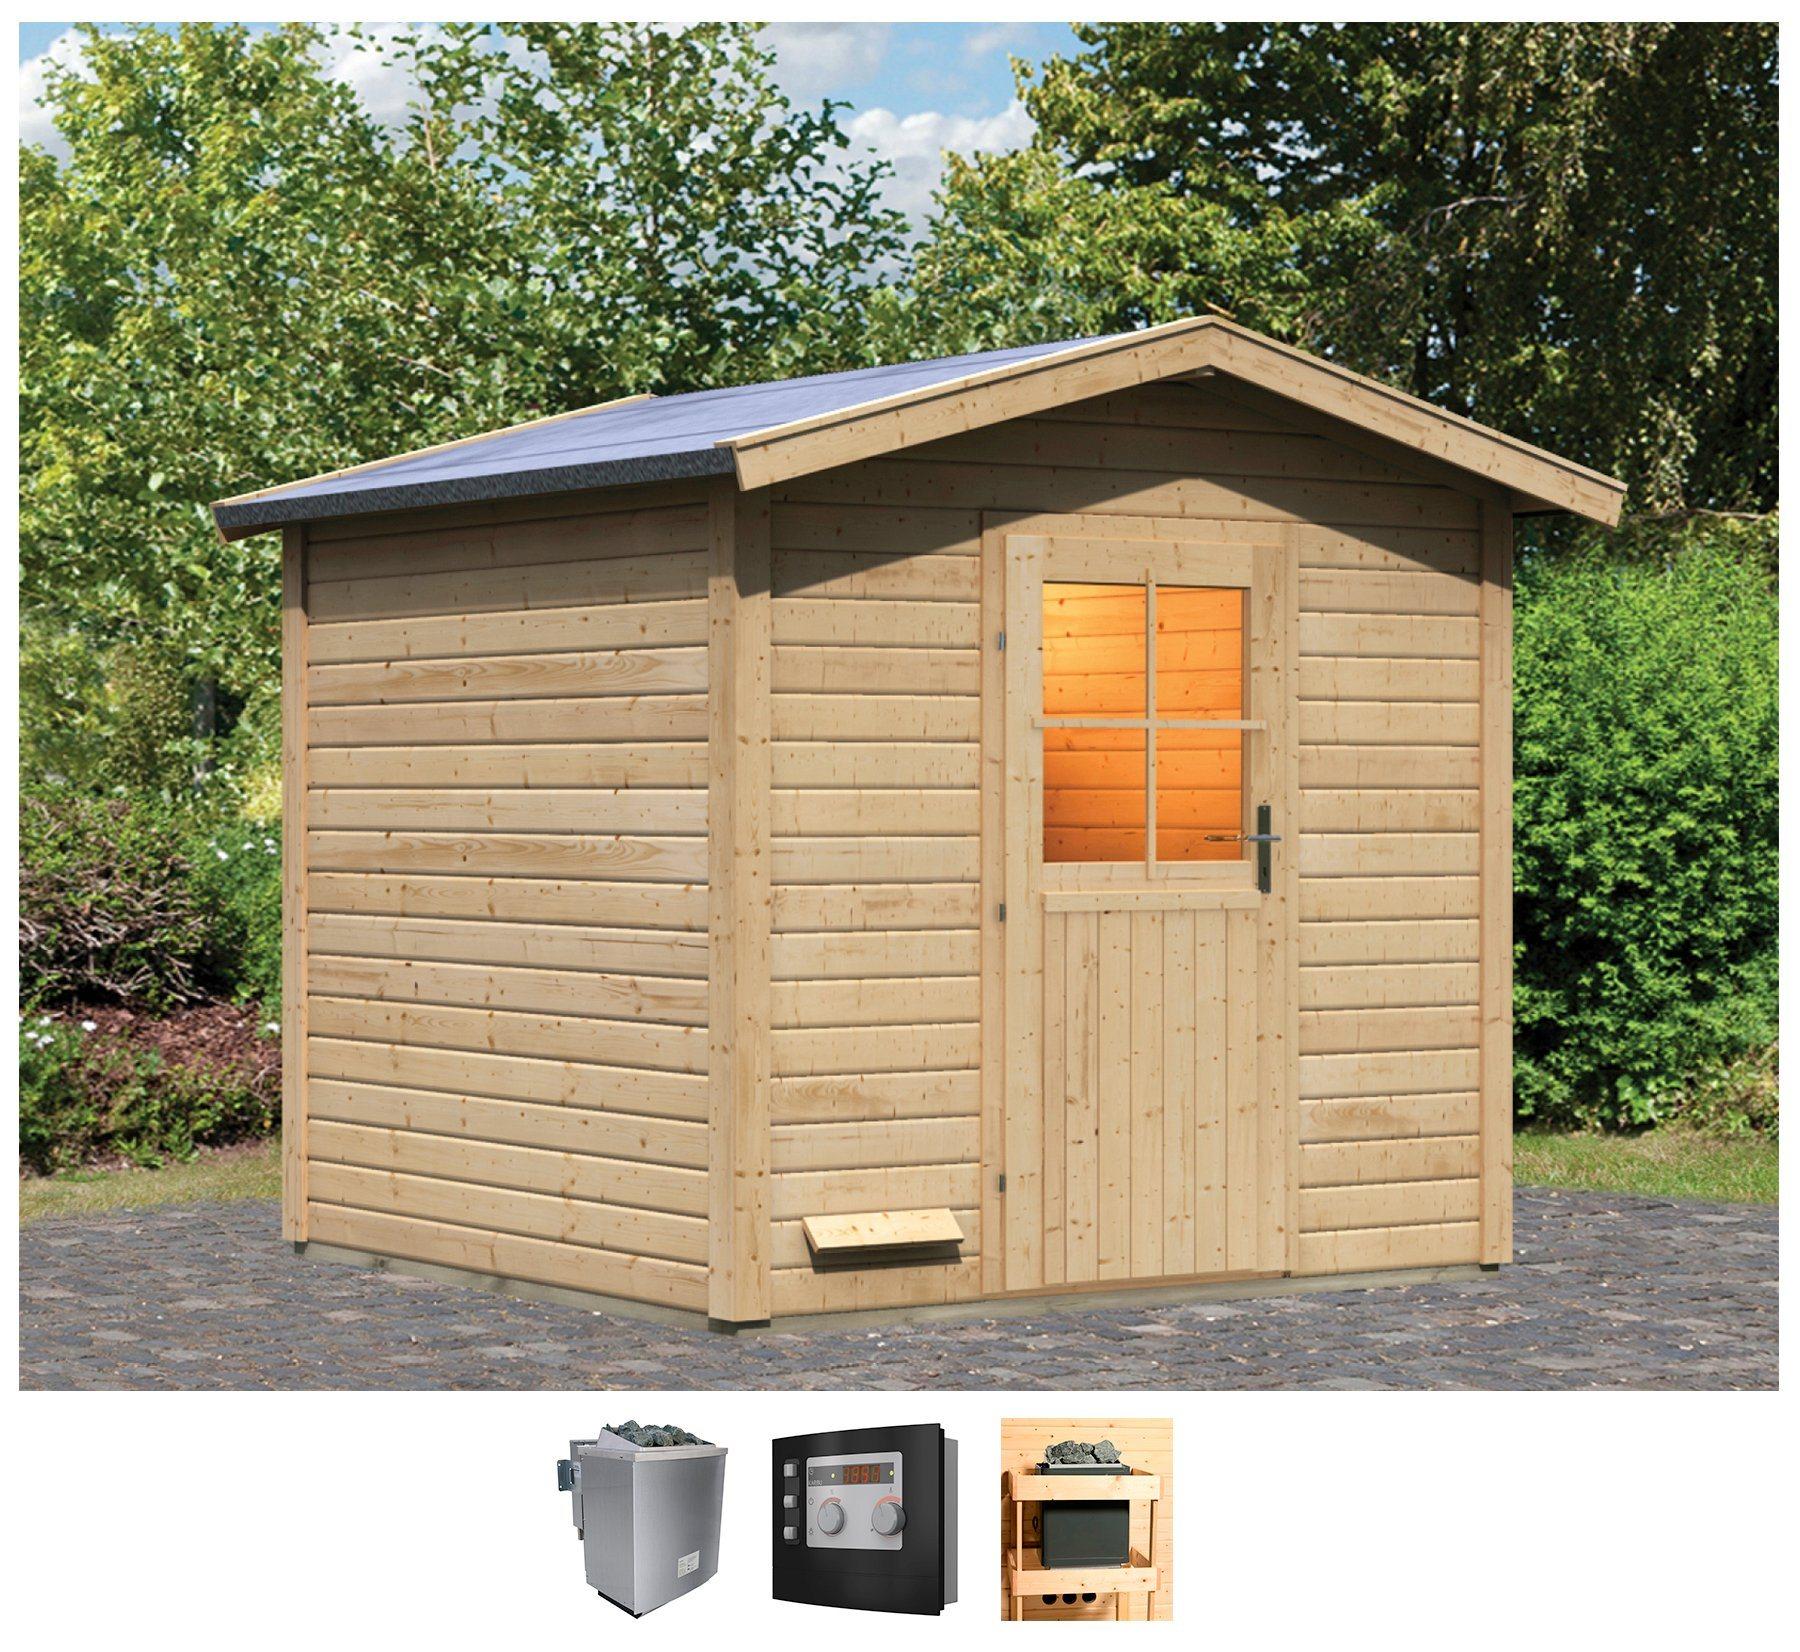 KONIFERA Saunahaus »Bosse 2«, BxTxH: 231x231x239 cm, 9 kW Bio-Kombiofen mit ext. Steuerung | Baumarkt > Bad und Sanitär > Sauna und Zubehör | Karibu